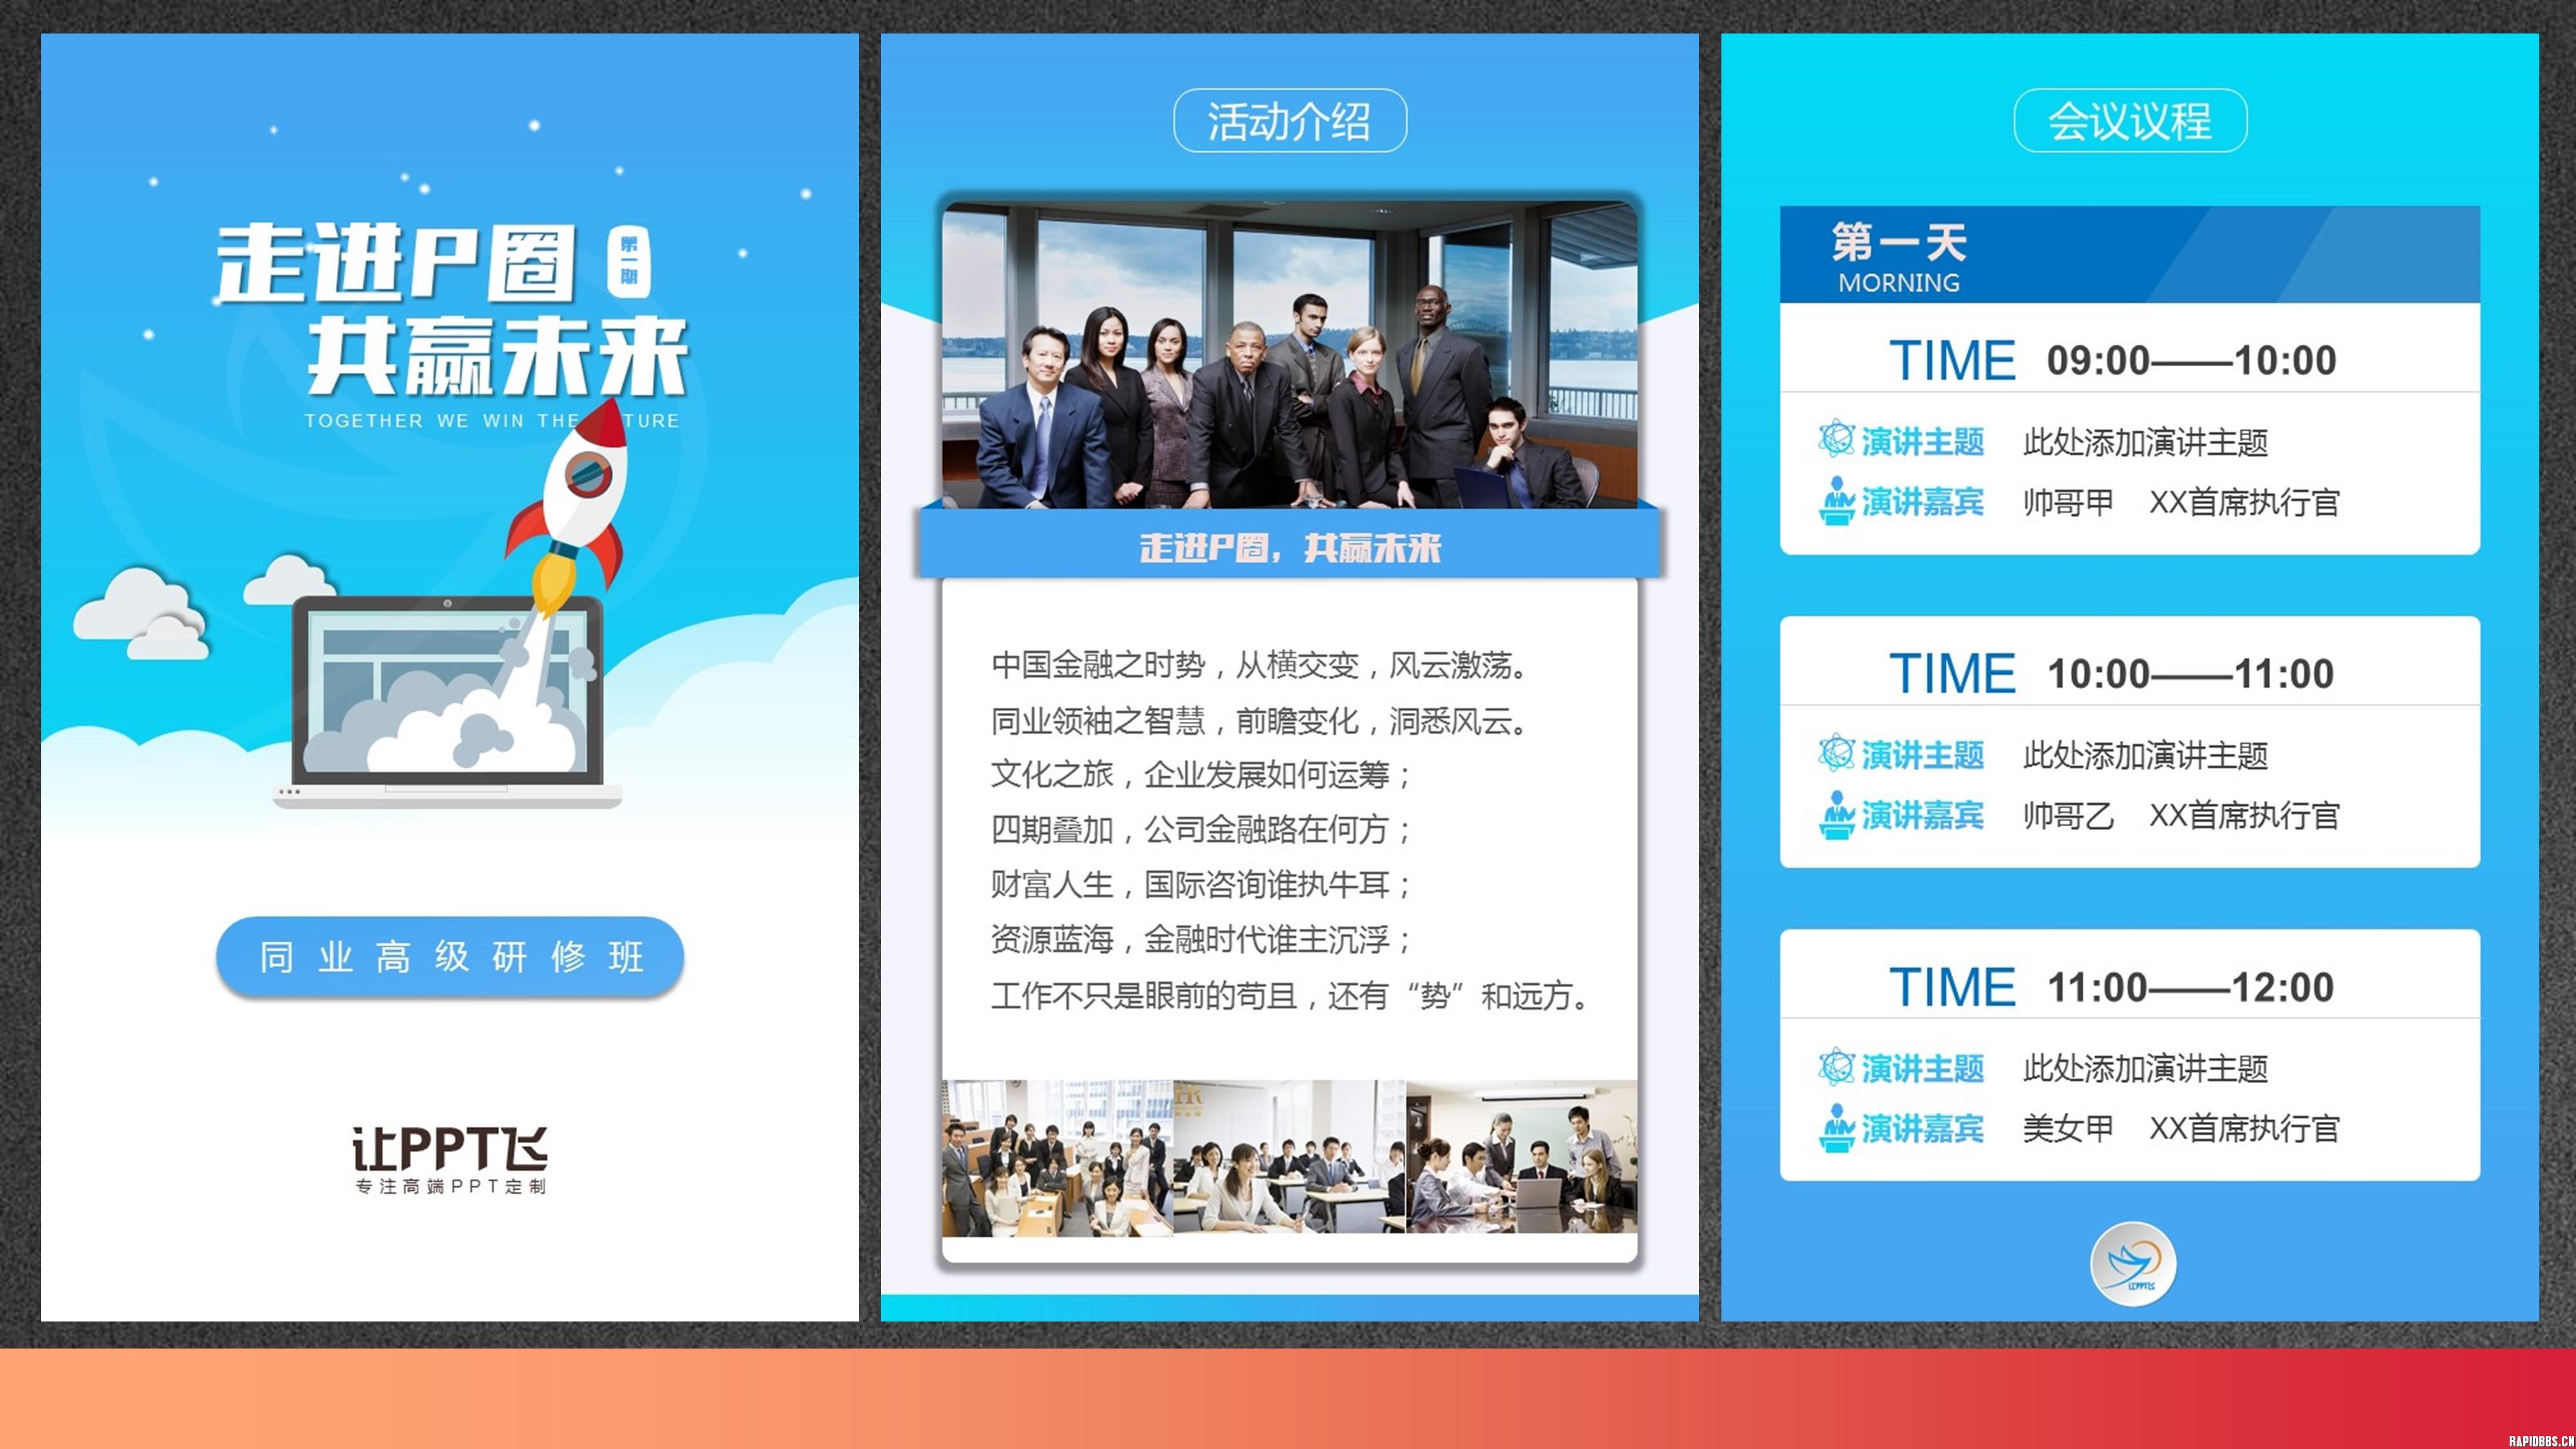 【手机版ppt】微场景h5会议邀请函模板